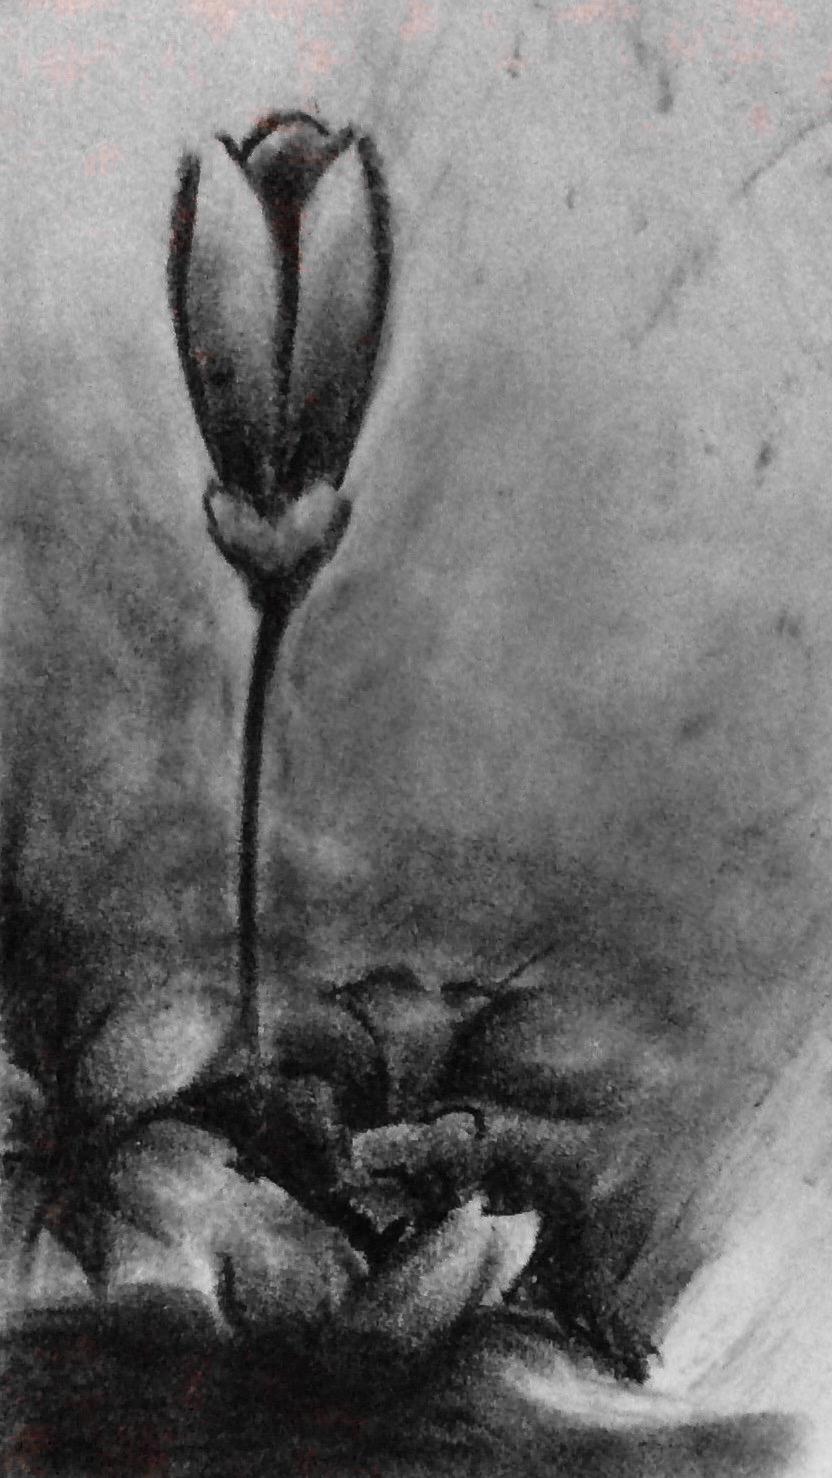 Flowers by FantasyArt99